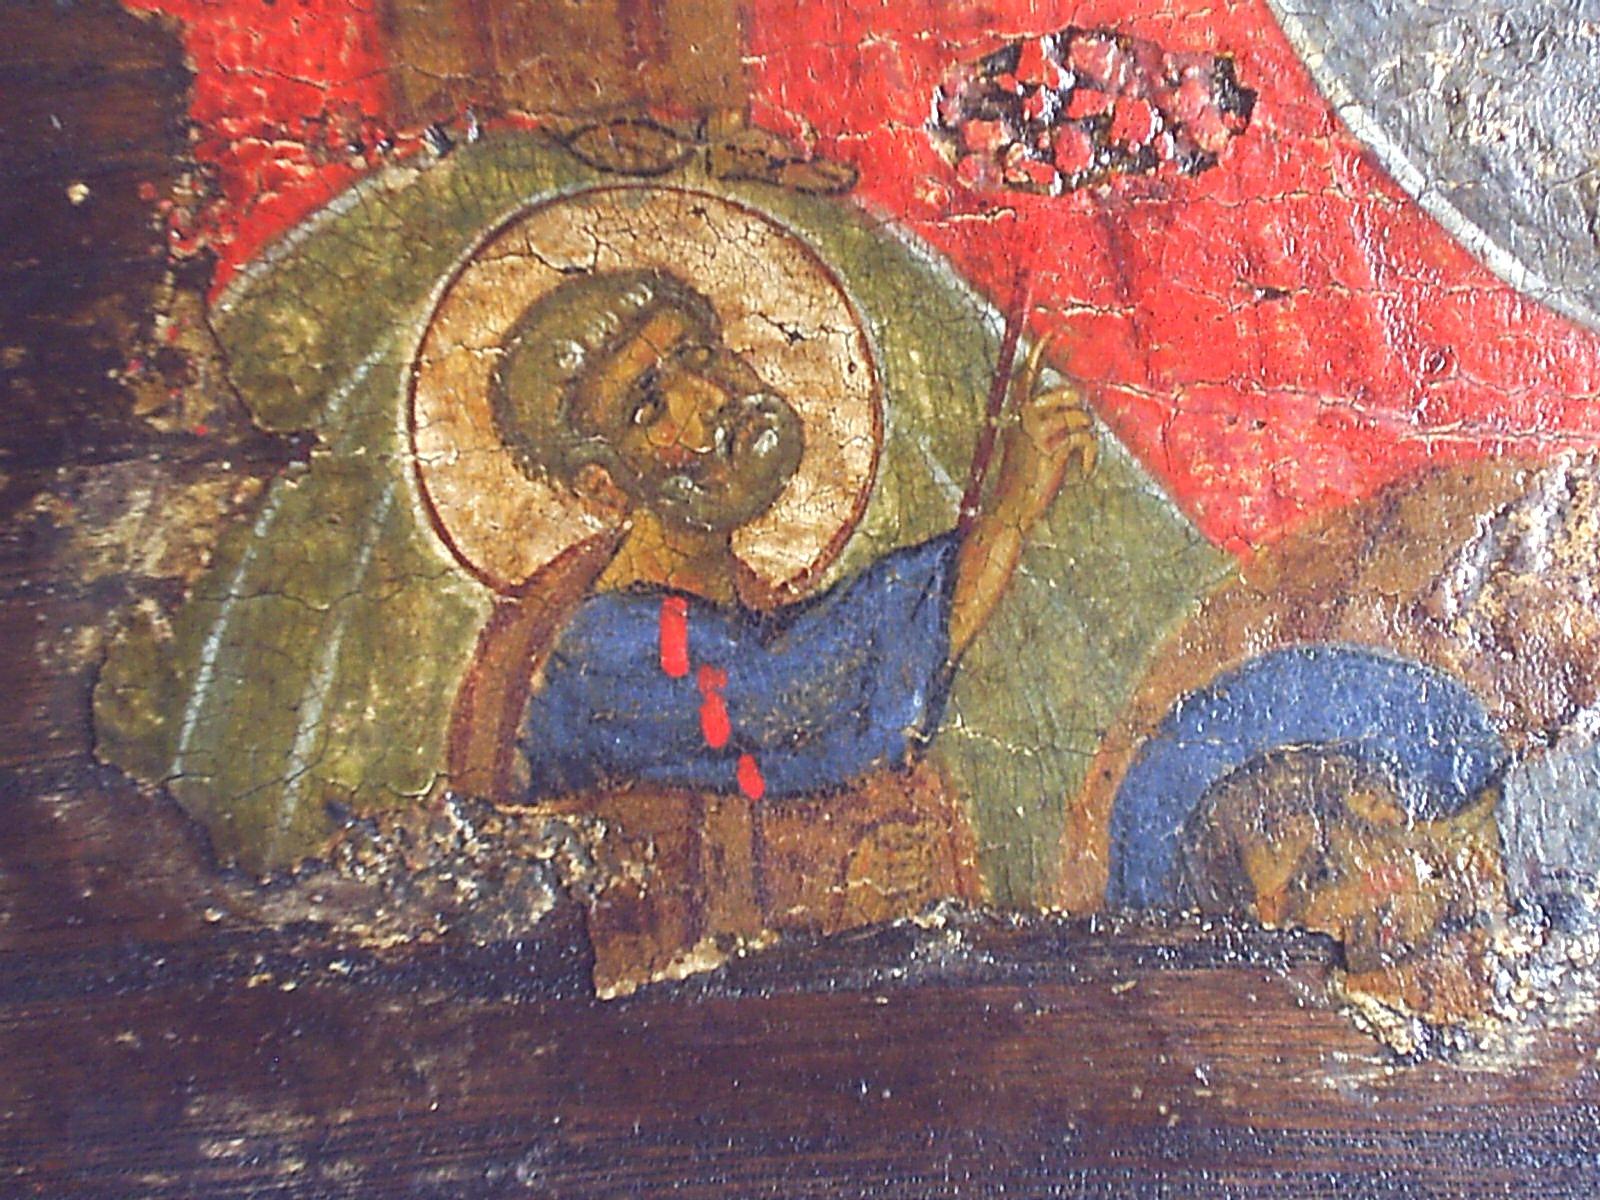 Преображение Господне. Икона. Византия, XII век. ГЭ. Фрагмент - Святой Апостол Пётр.